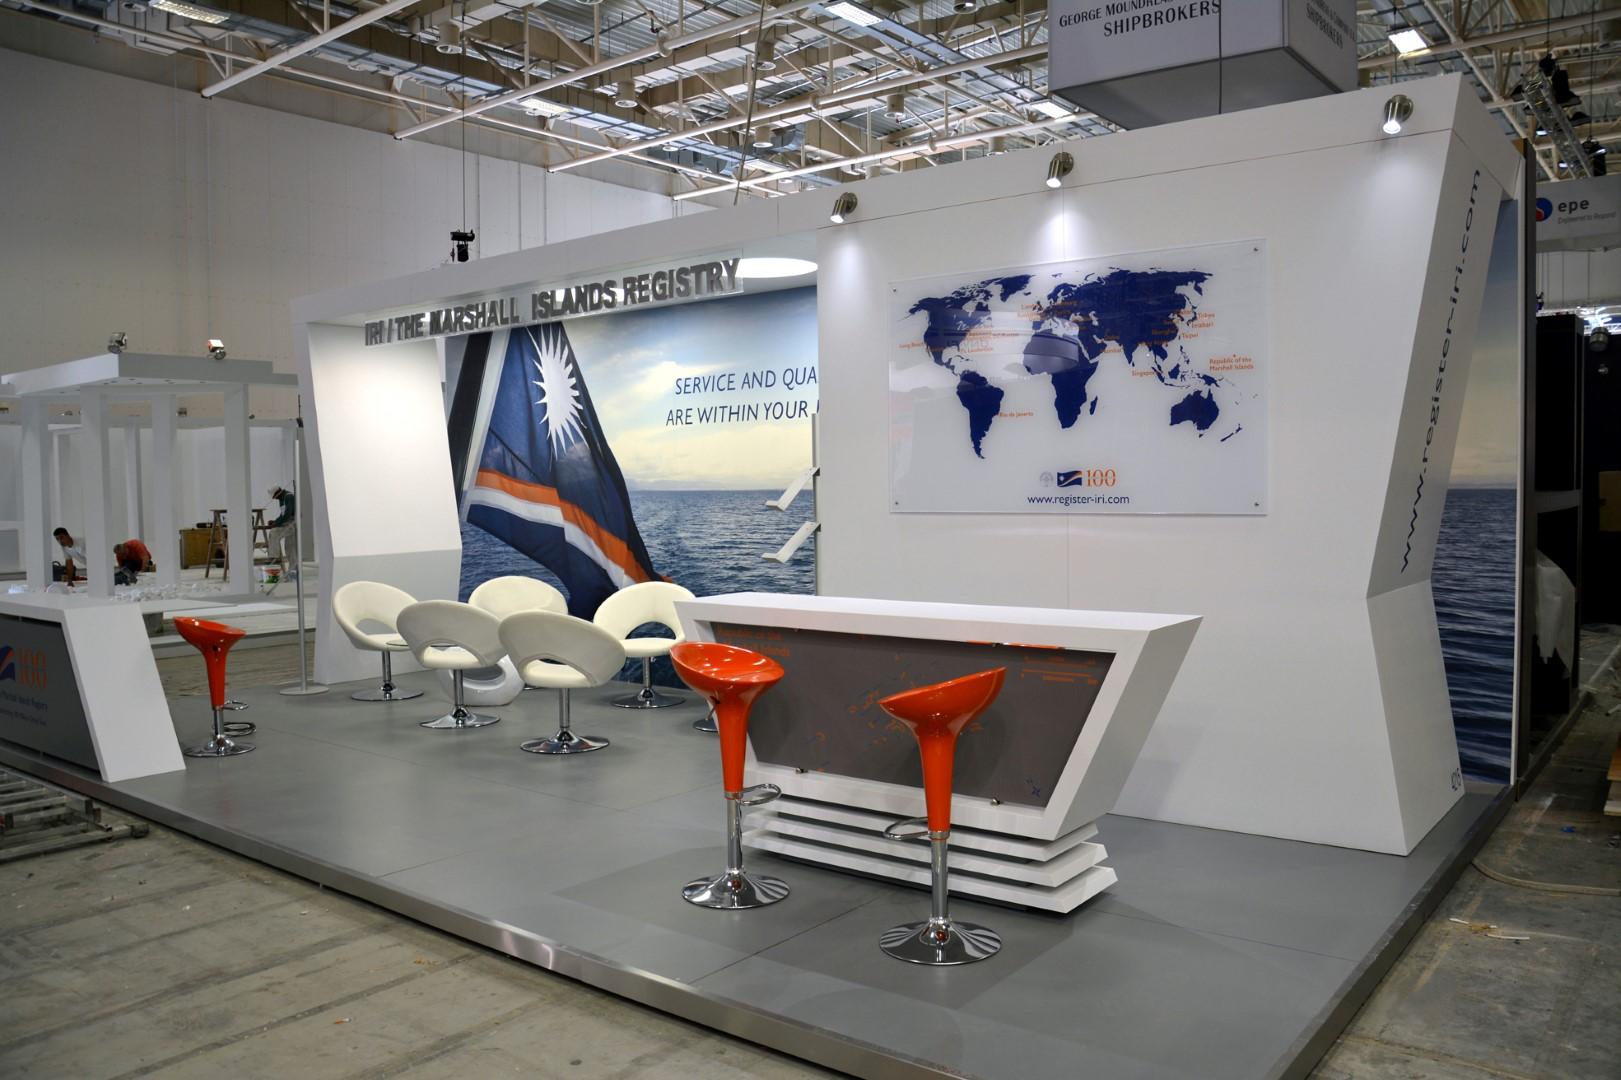 Εκθεσιακό Περίπτερο Ιδιωτική Εταιρεία Ναυτιλιακών Υπηρεσιών στο Metropolitan Expo